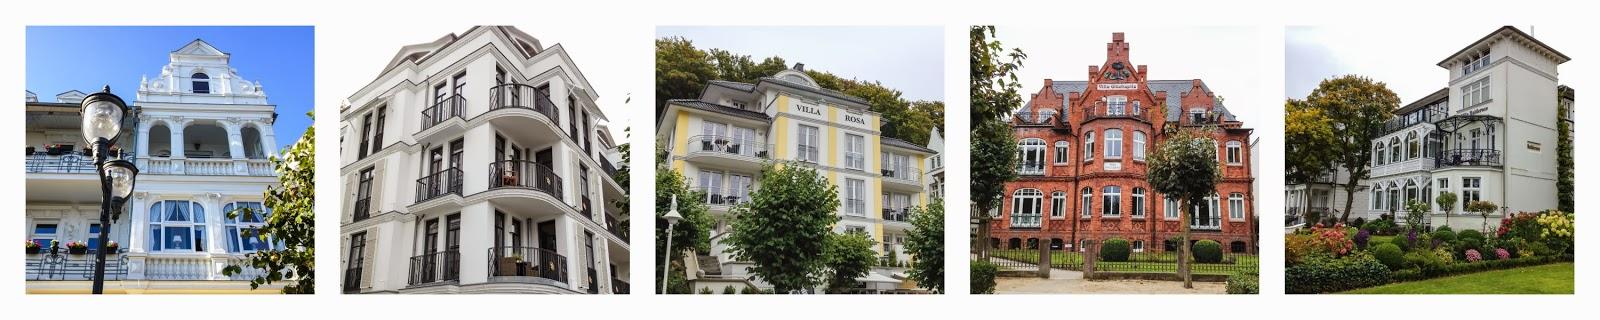 Wiedersehen mit dem artepuri hotel meerSinn in Binz